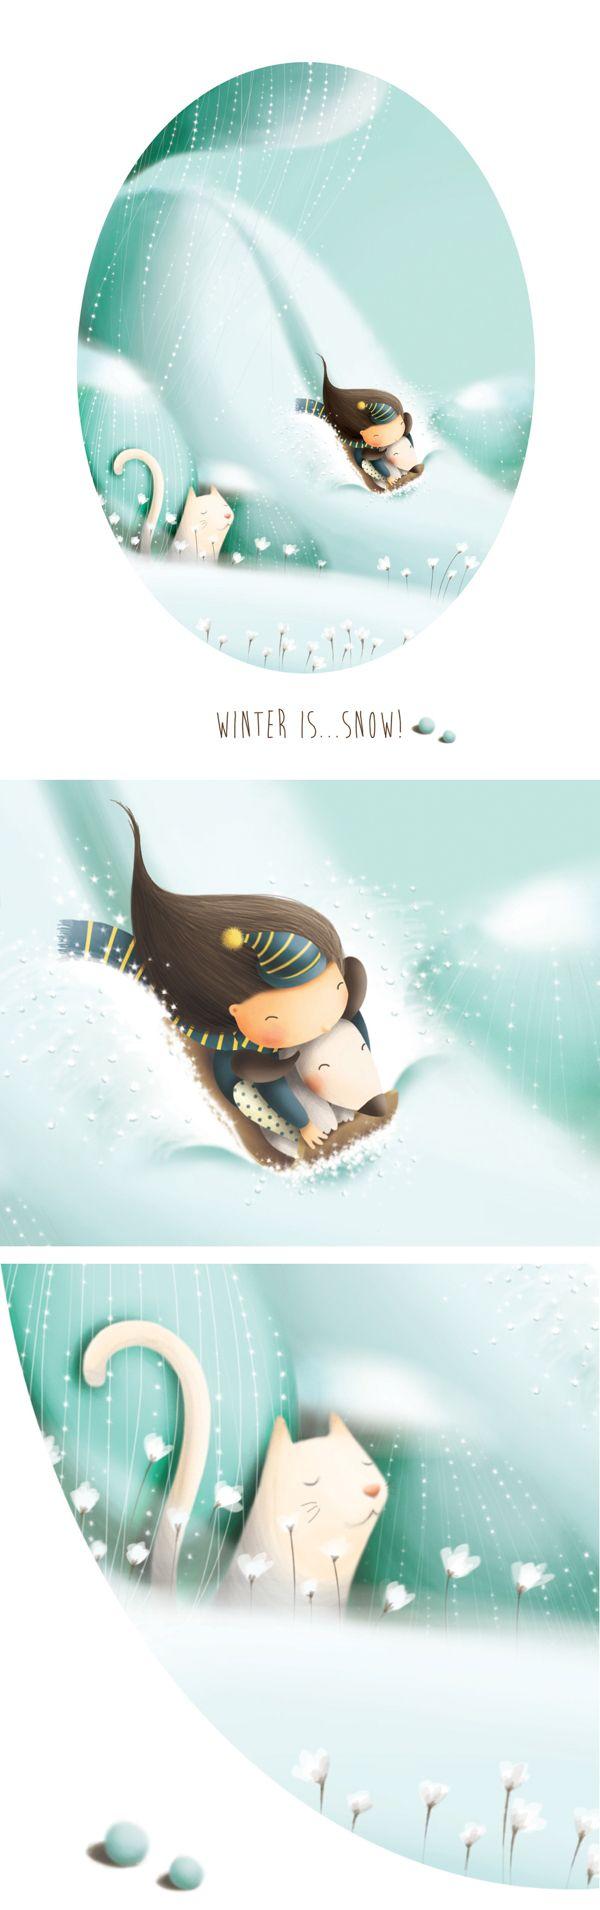 Seasons / Winter is...Snow! by Elisa Ferro, via Behance